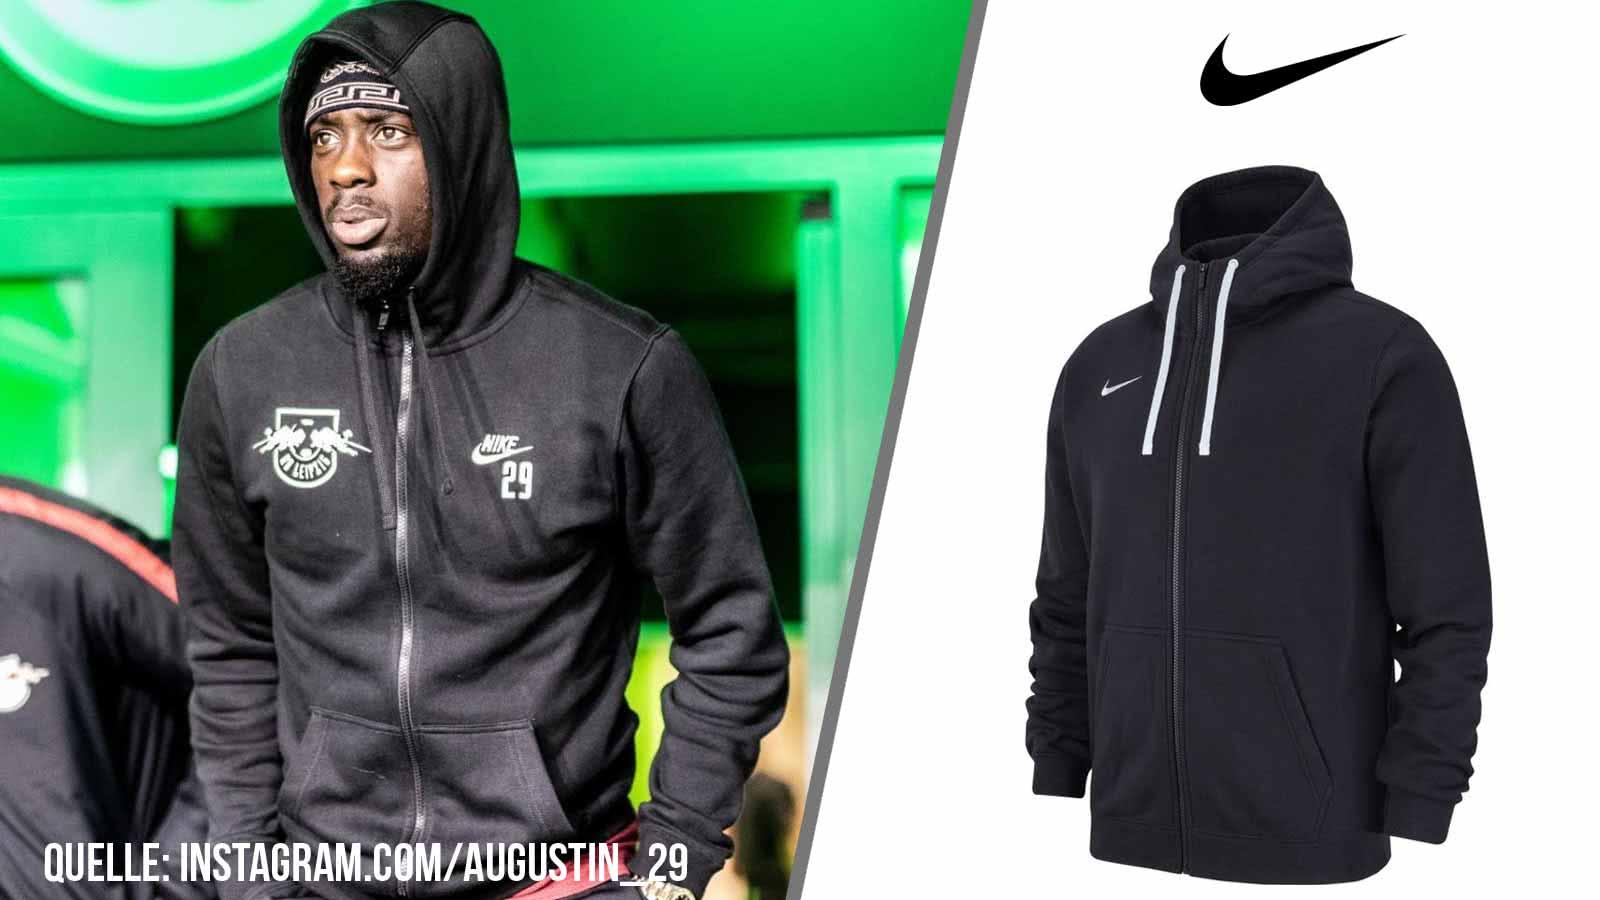 Die Nike Kapuzen Trainingjacke mit Vereinslogo wie die Bundesliga Teams